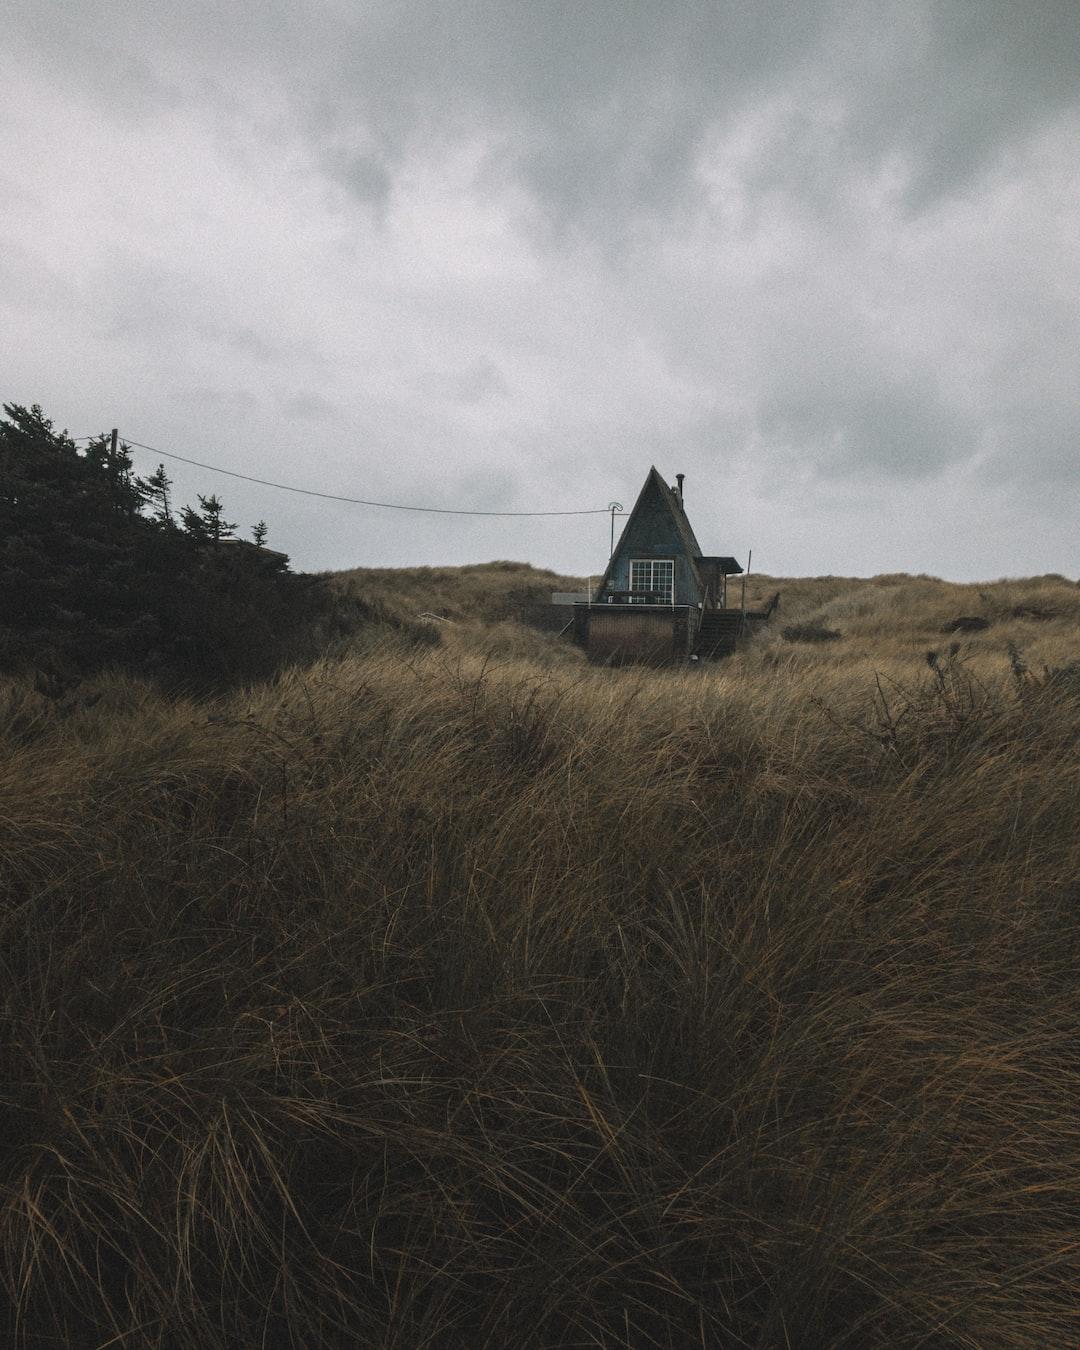 Серый и коричневый деревянный дом под пасмурно небо